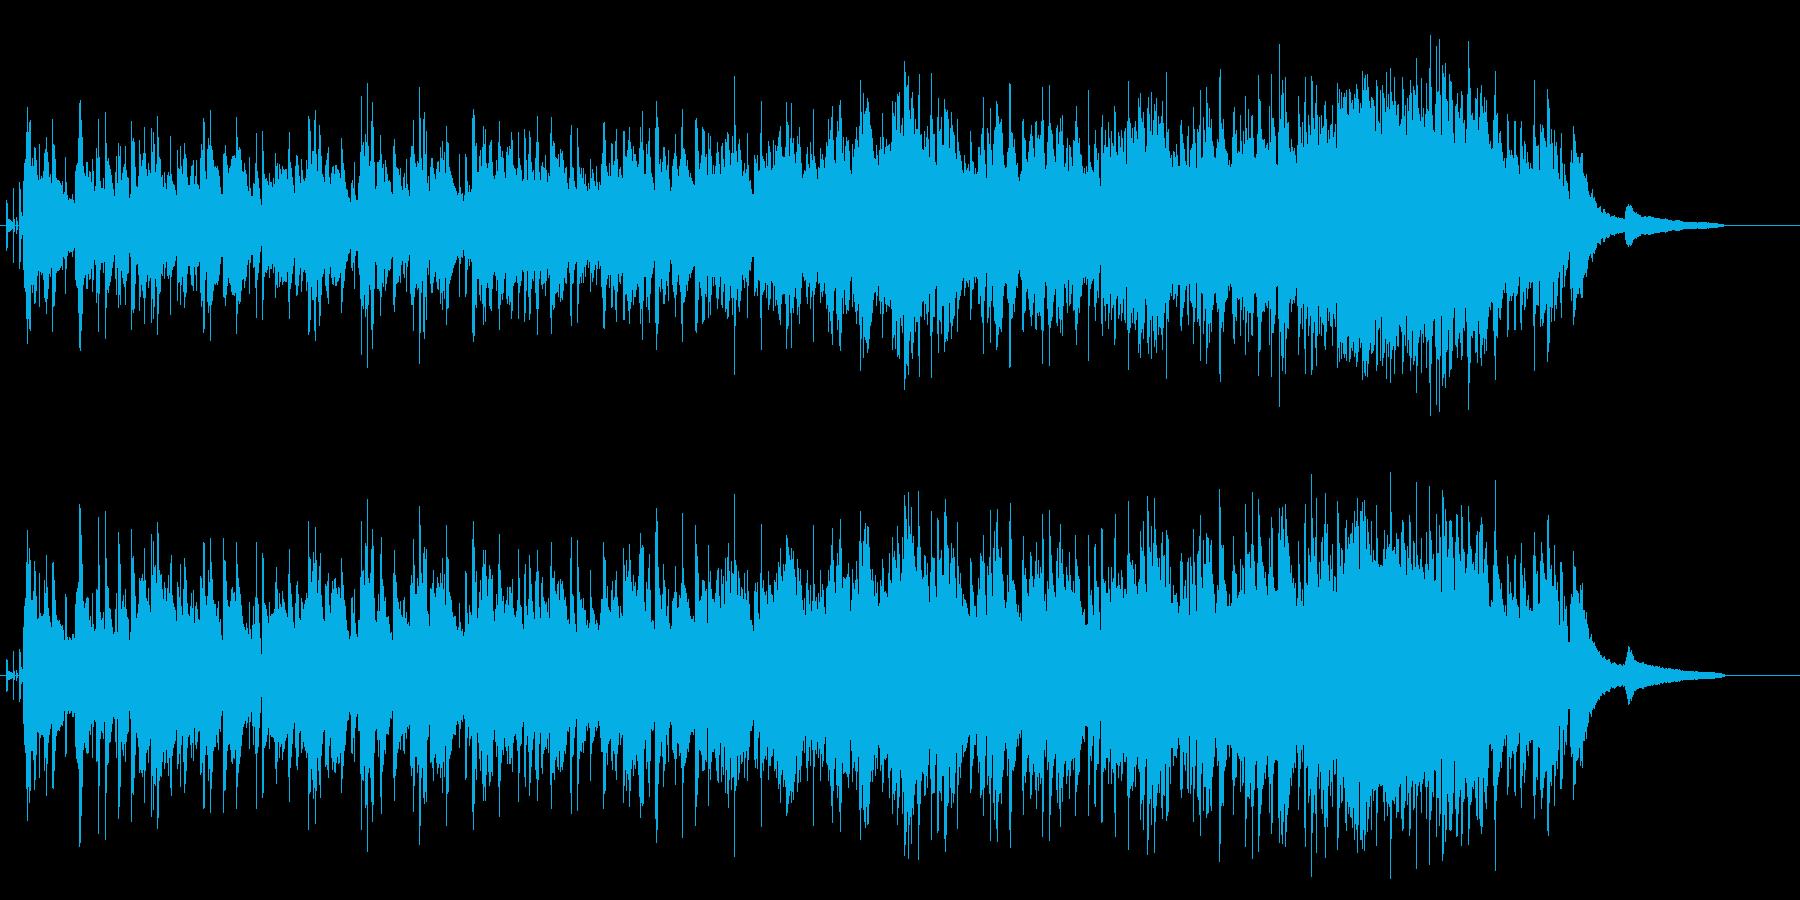 穏やかに胸をうつコテンポラリー・バラードの再生済みの波形